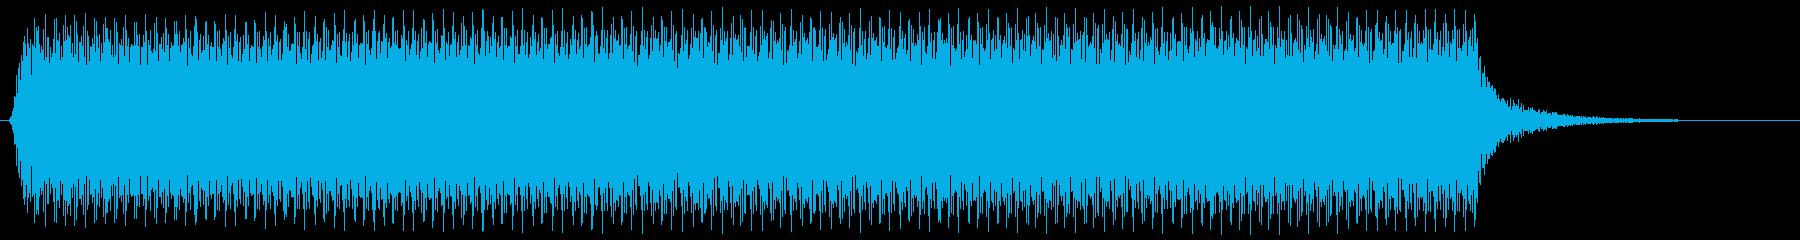 ロングブラストカーホーンの再生済みの波形